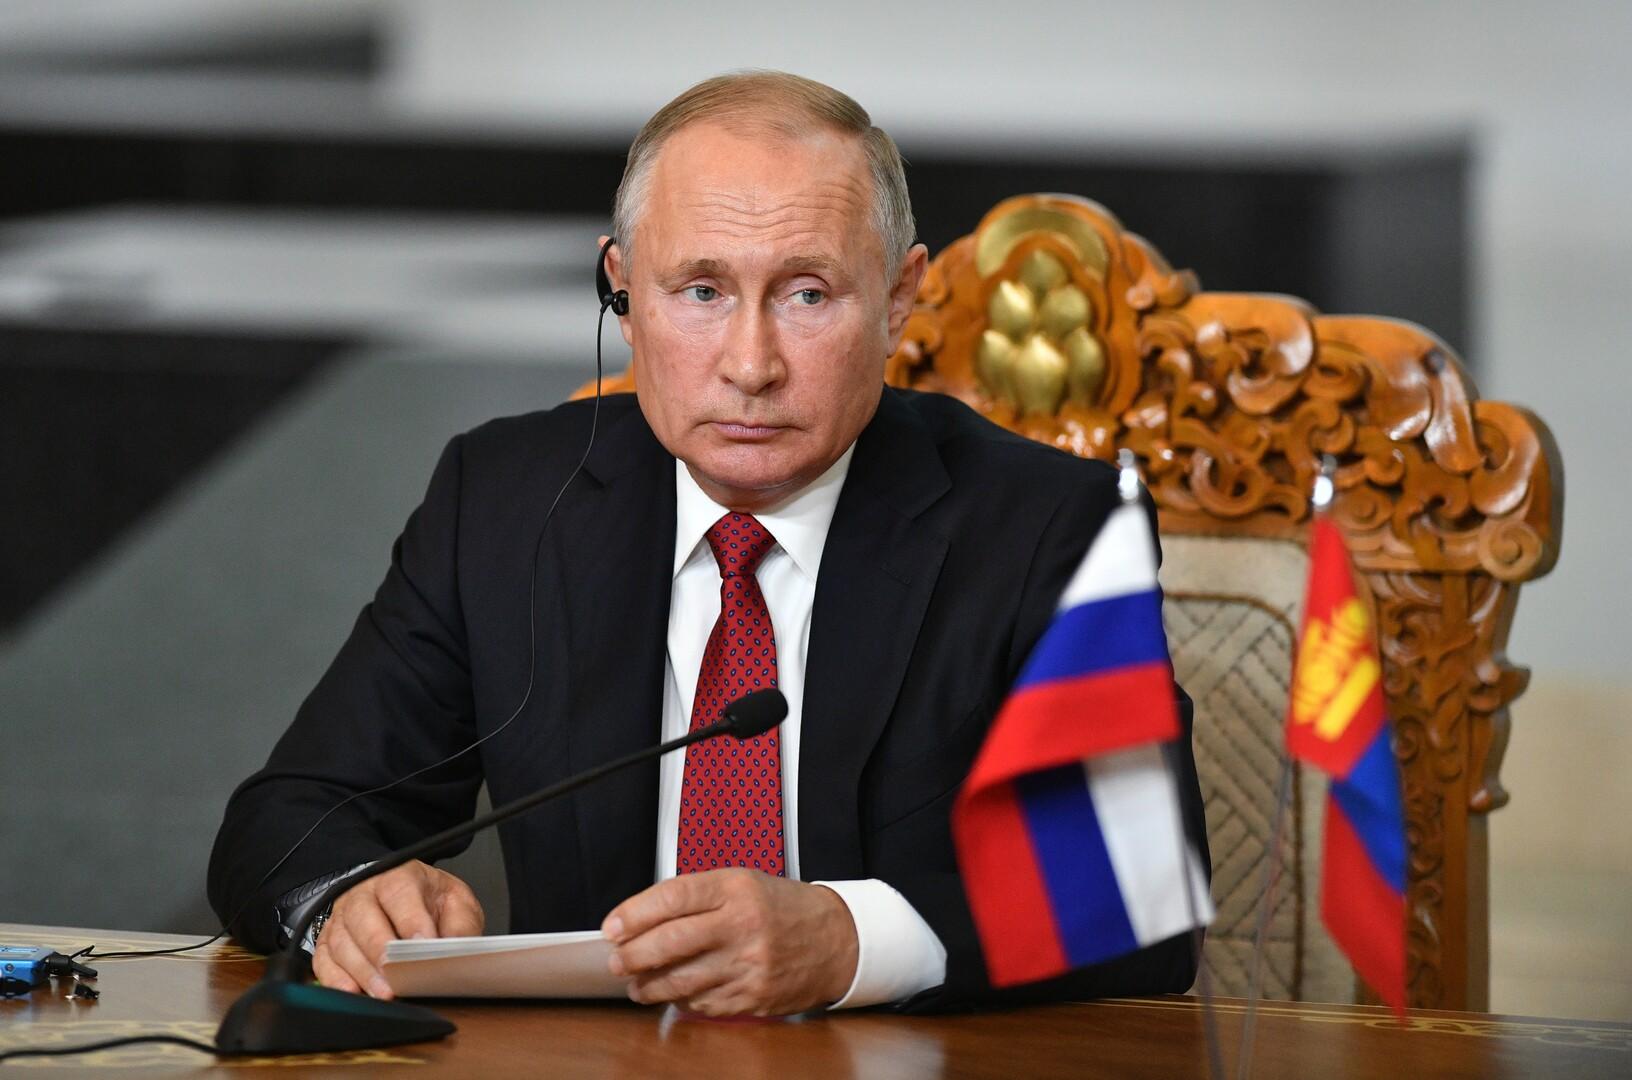 صندوق مشترك بين روسيا ومنغوليا لتعزيز العلاقات الاقتصادية